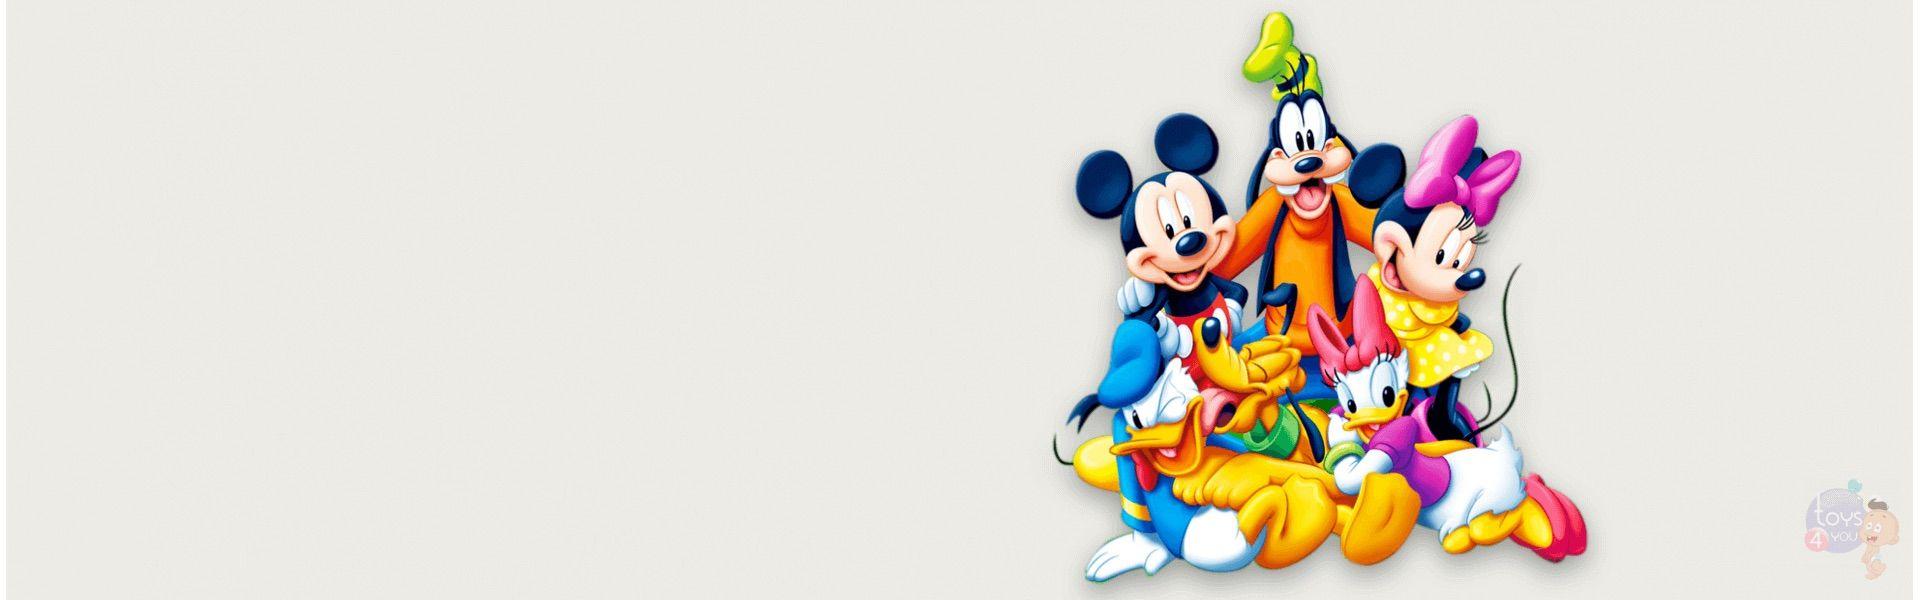 Мультгерои – лучшие друзья вашего ребенка|Мультипликационные герои - одни из наиболее желаемых игрушек. В магазине представлены персонажи известных мультфильмов. Они станут лучшим подарком для ребенка.